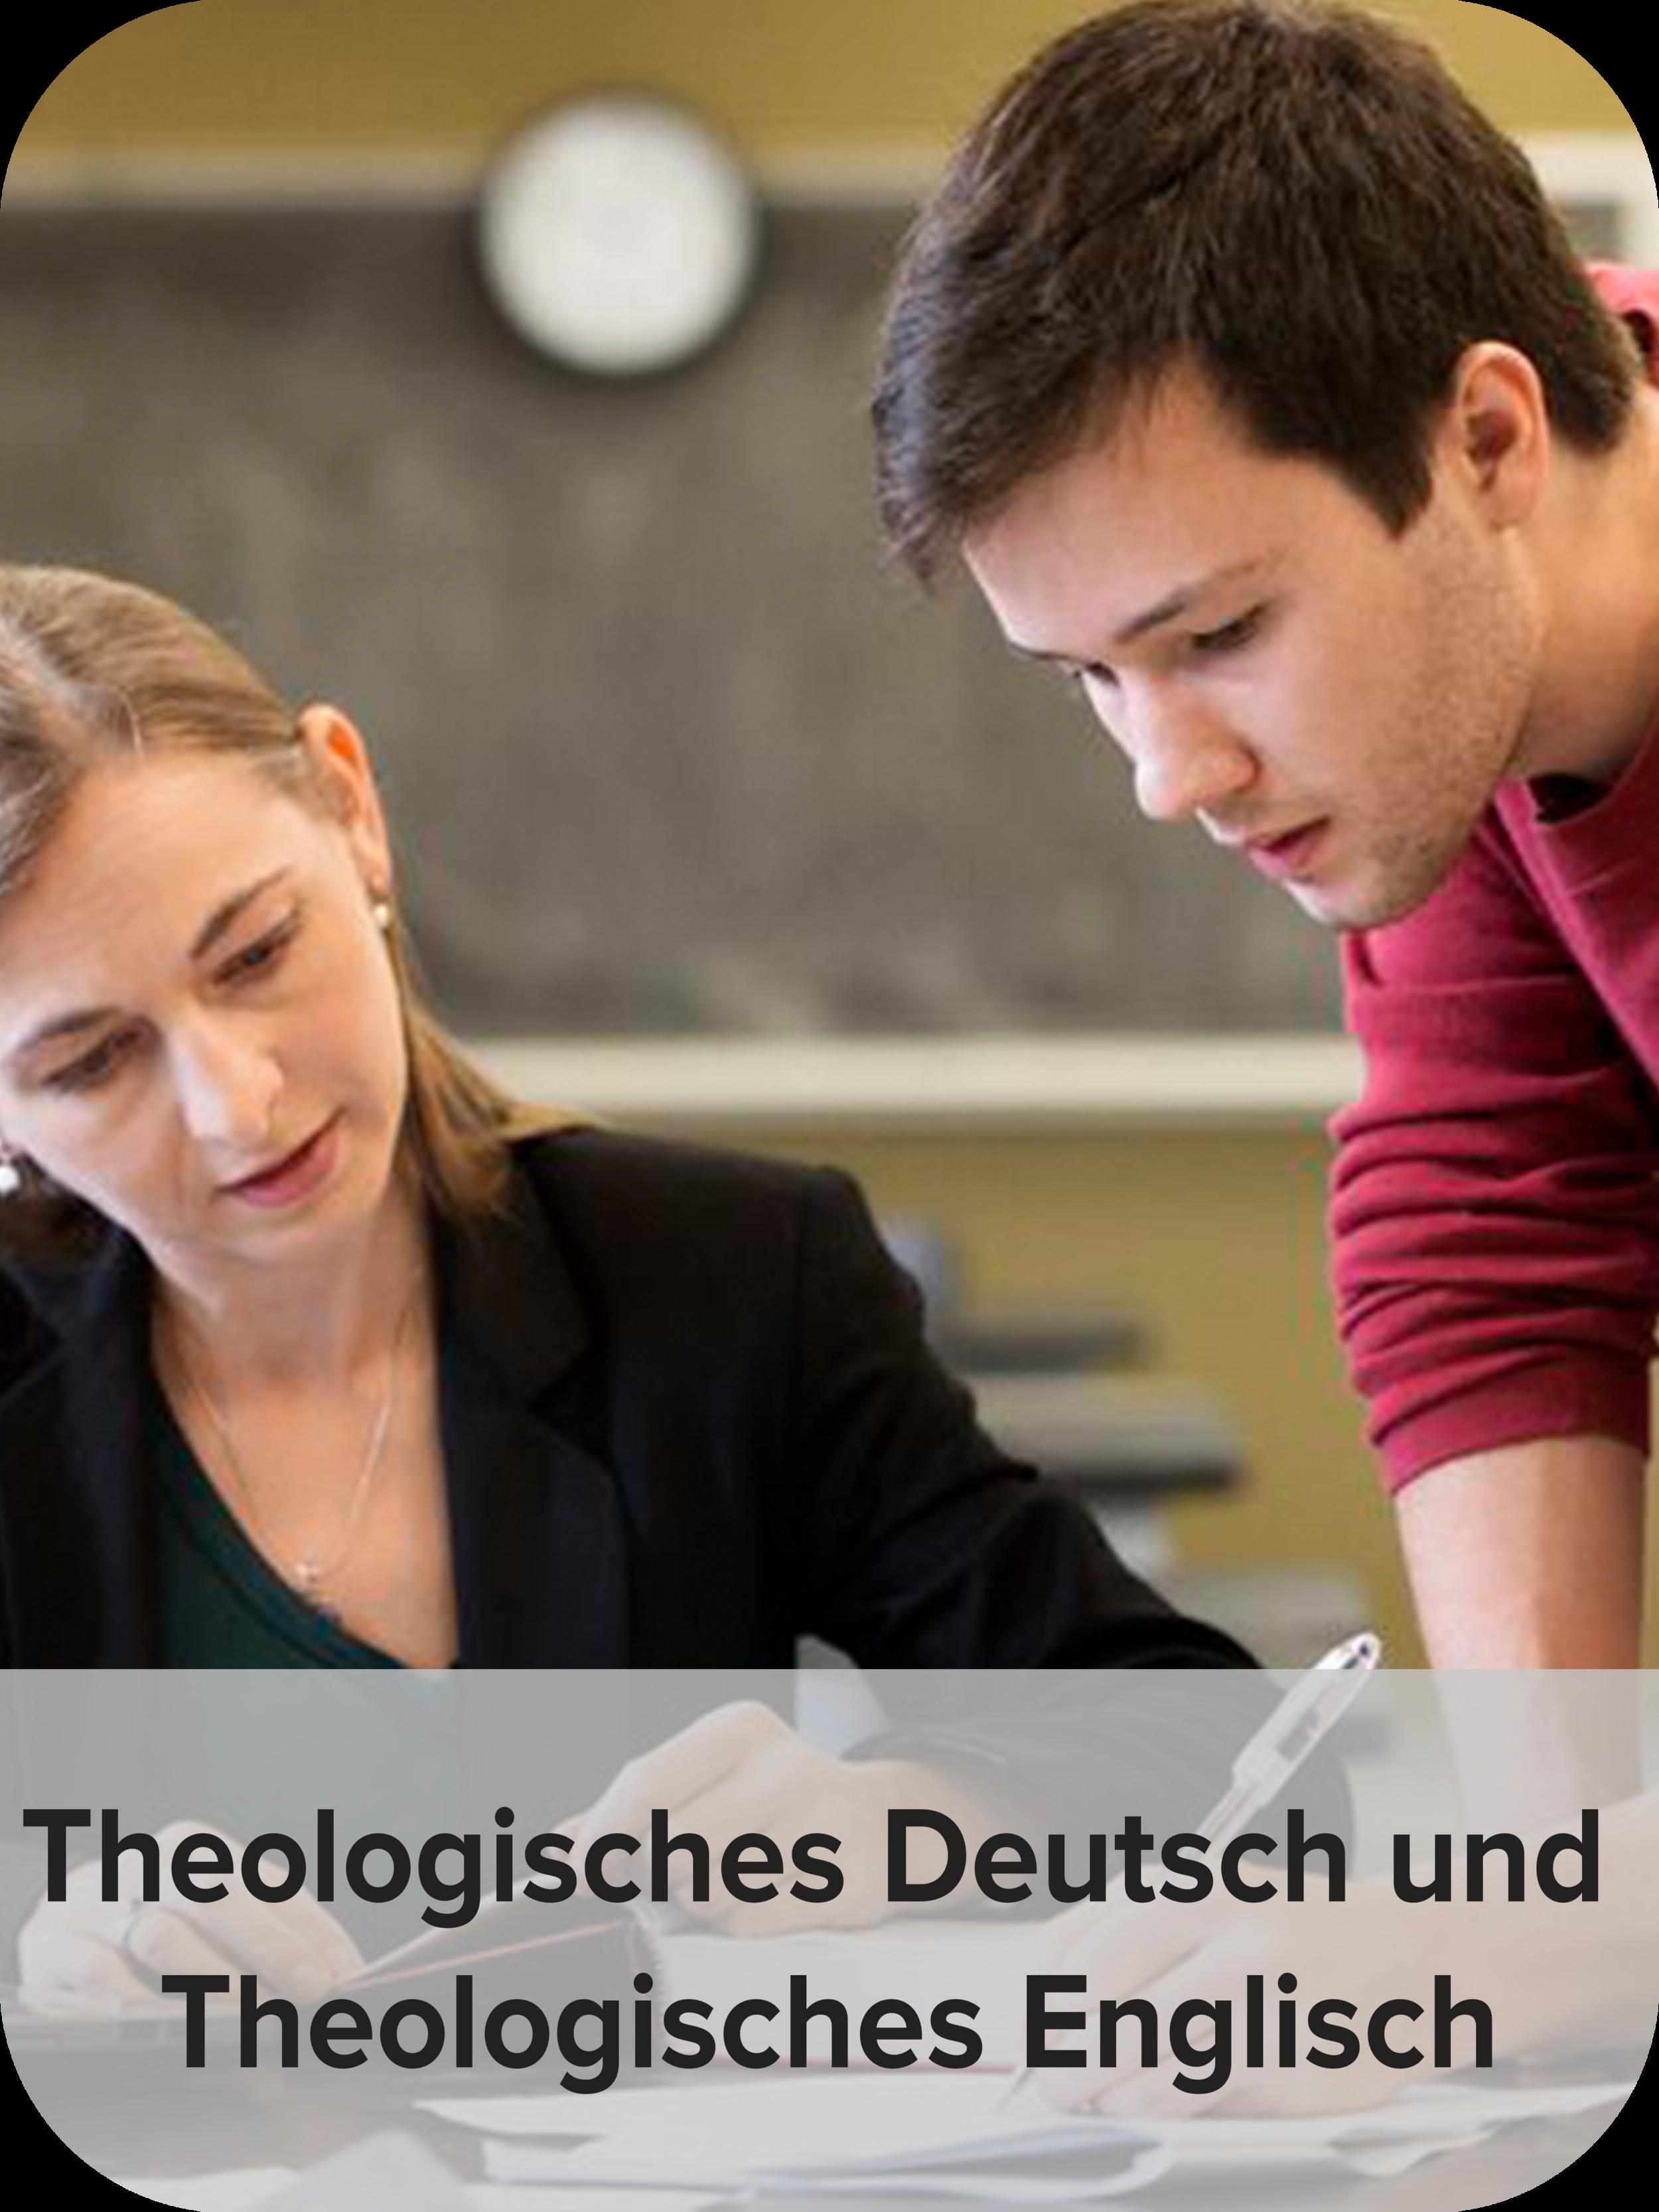 Theologisches Deutsch und Theologisches Englisch.png